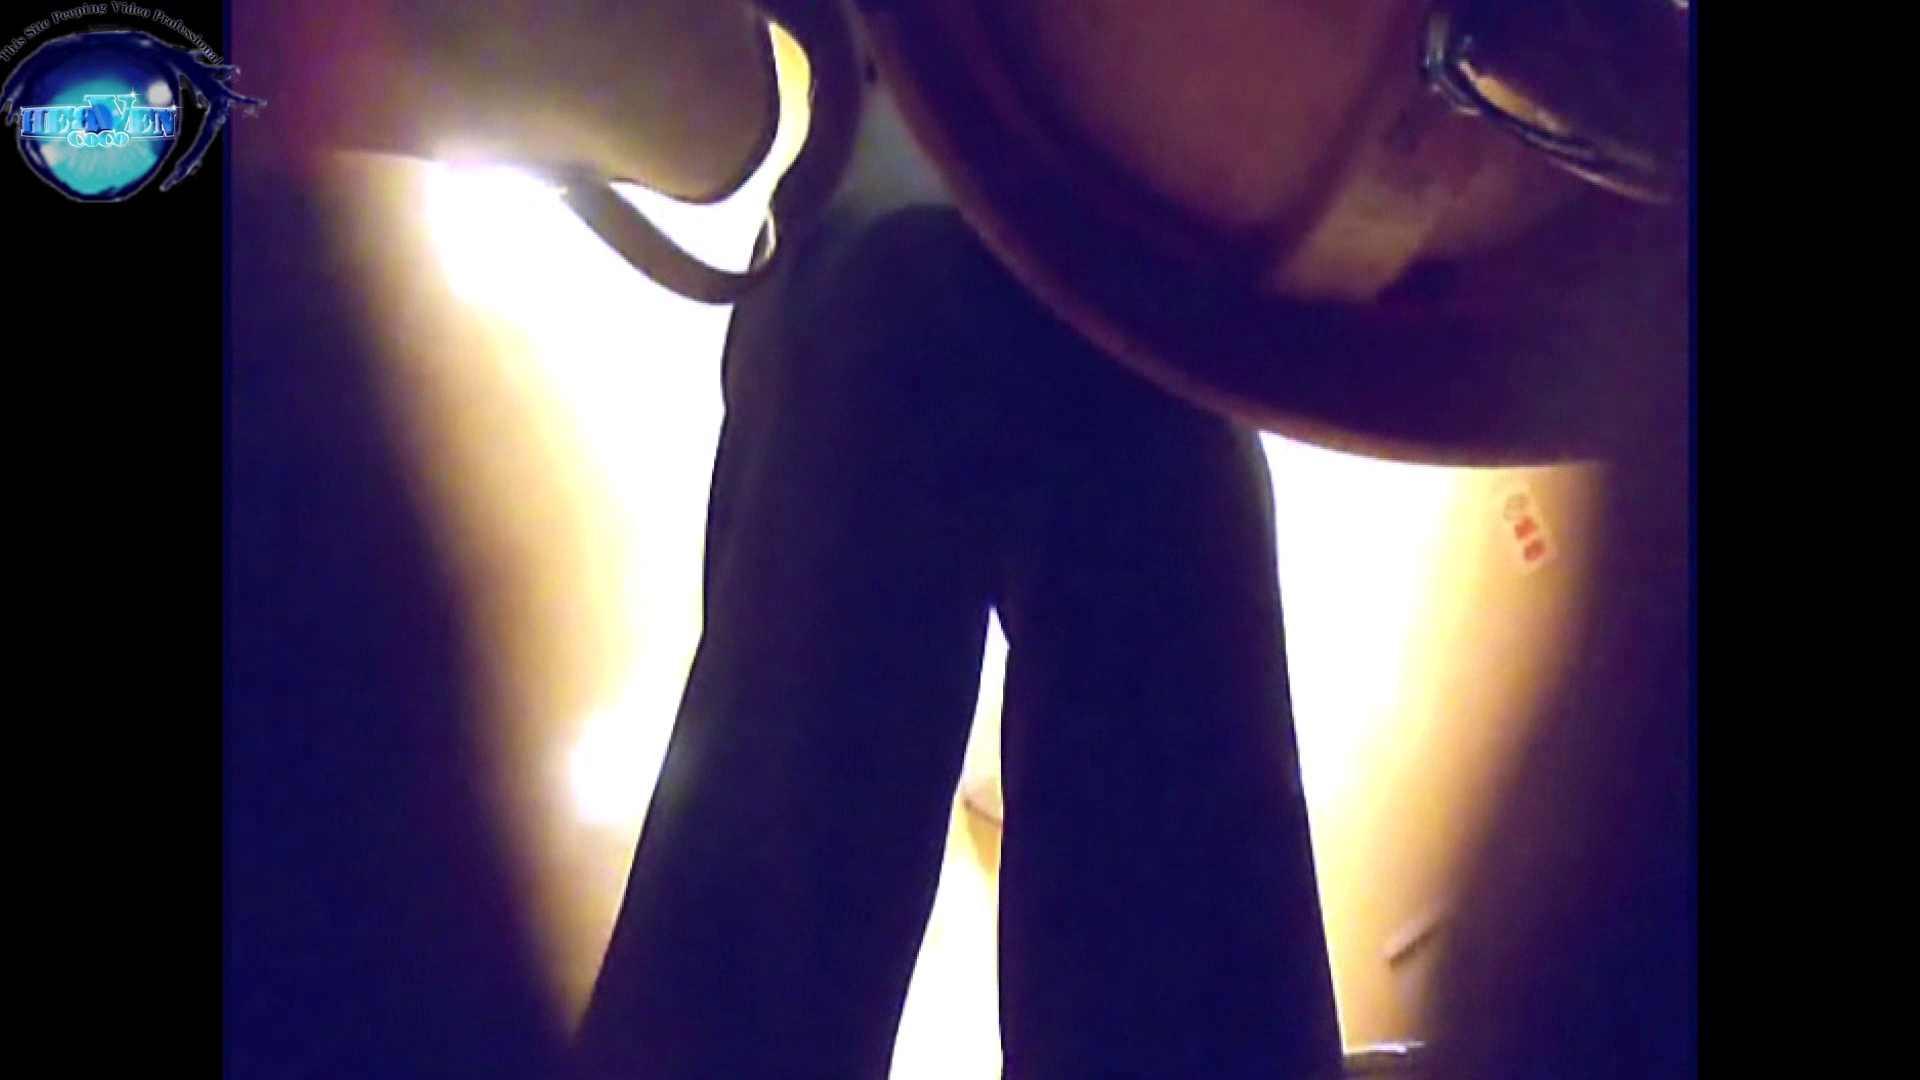 突撃!女子化粧室の真実vol.29 後編 お尻 盗撮セックス無修正動画無料 83PICs 10